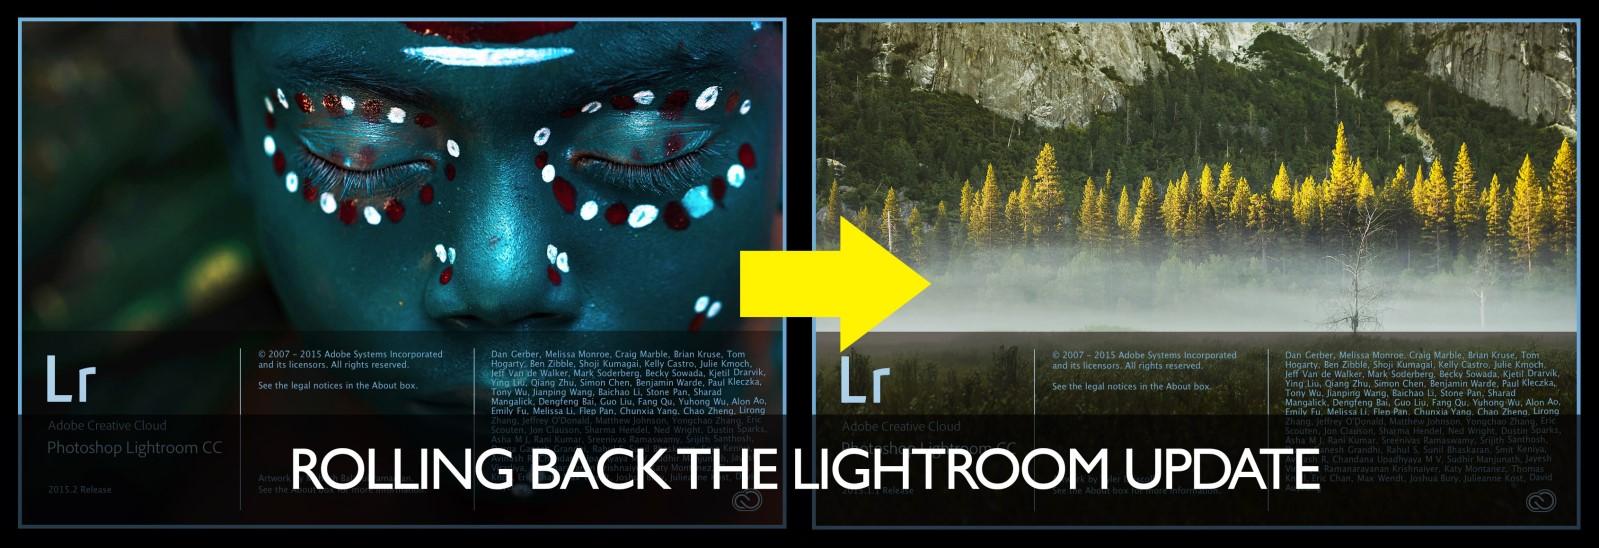 Lightroom_rollback_b